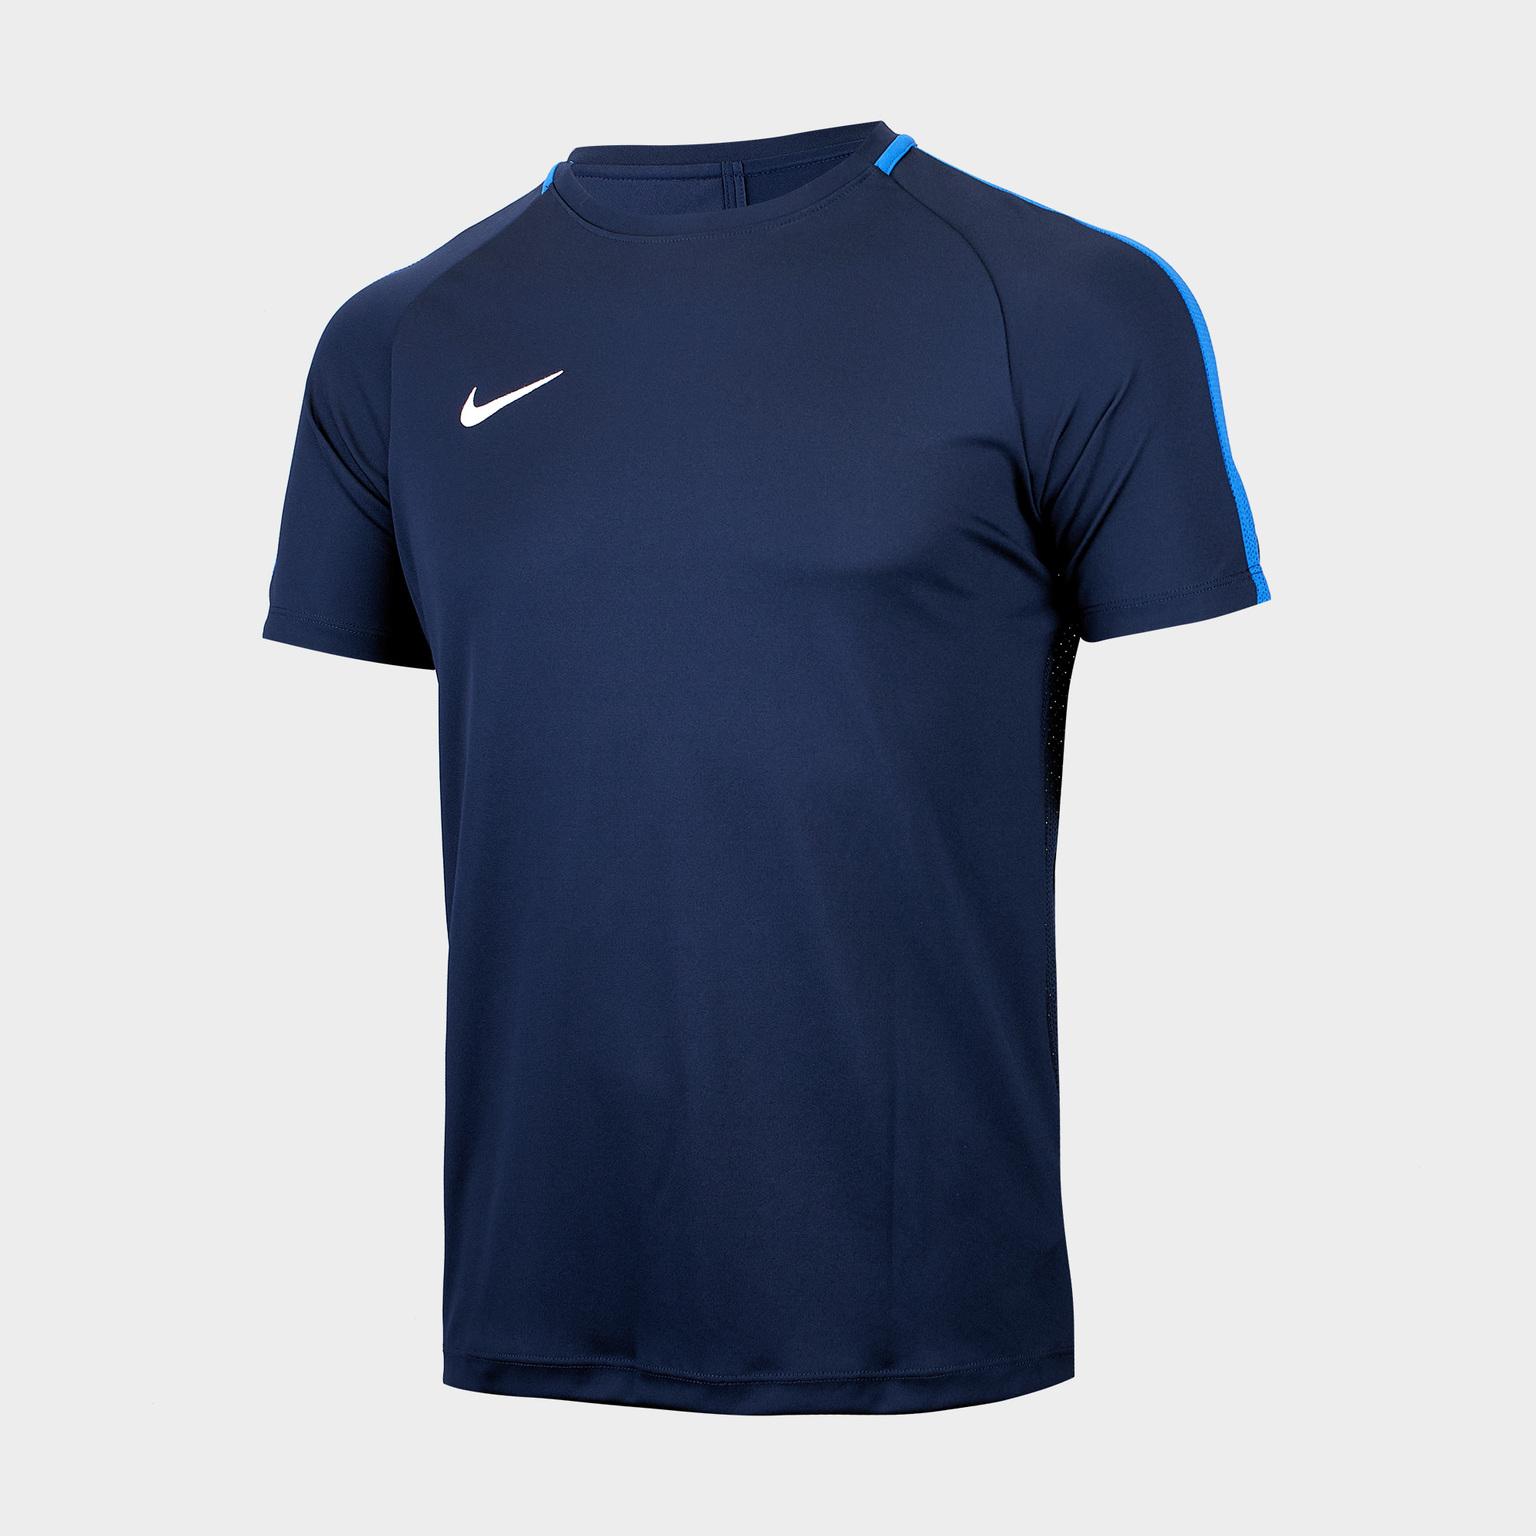 Футболка тренировочная Nike Academy18 Top JR 893750-451 футболка тренировочная nike academy ss top jr 726008 451